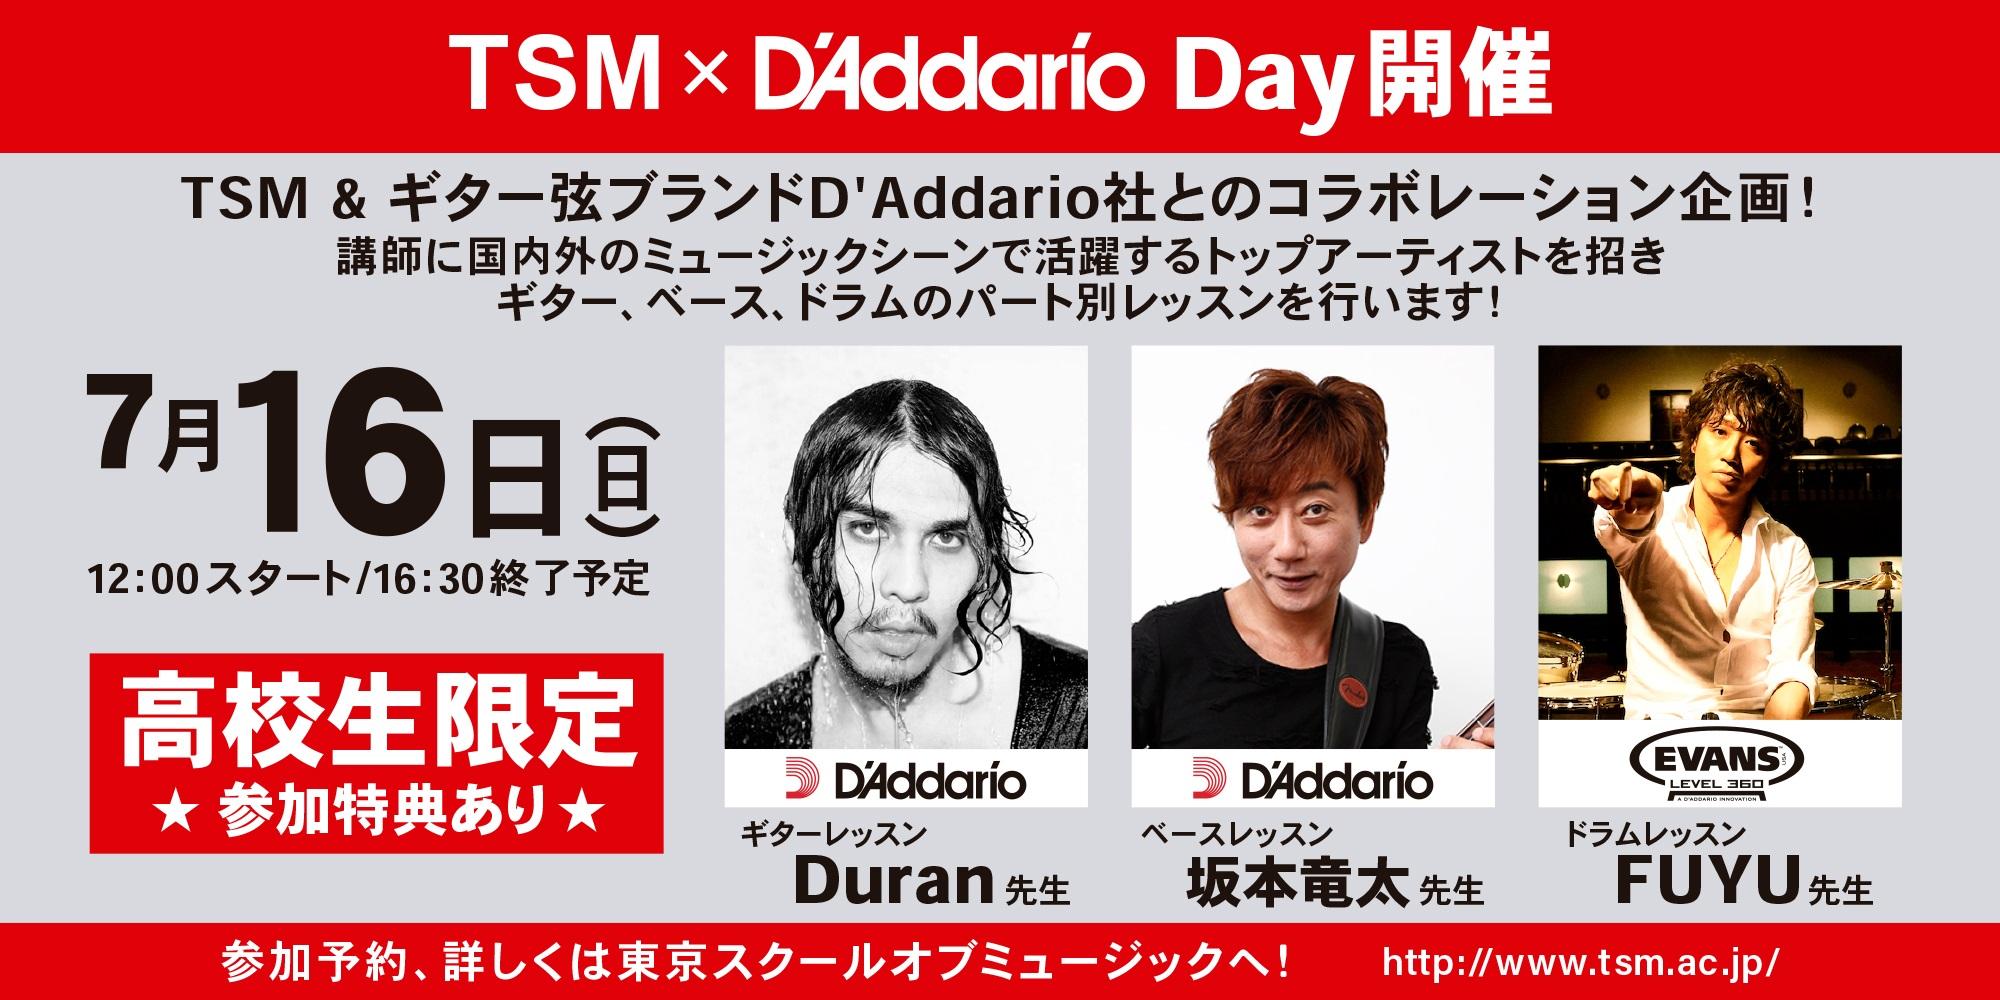 【イベント案内】7月16日(日) D'Addario & 東京スクール・オブ・ミュージック 『D'Addario Day』開催!